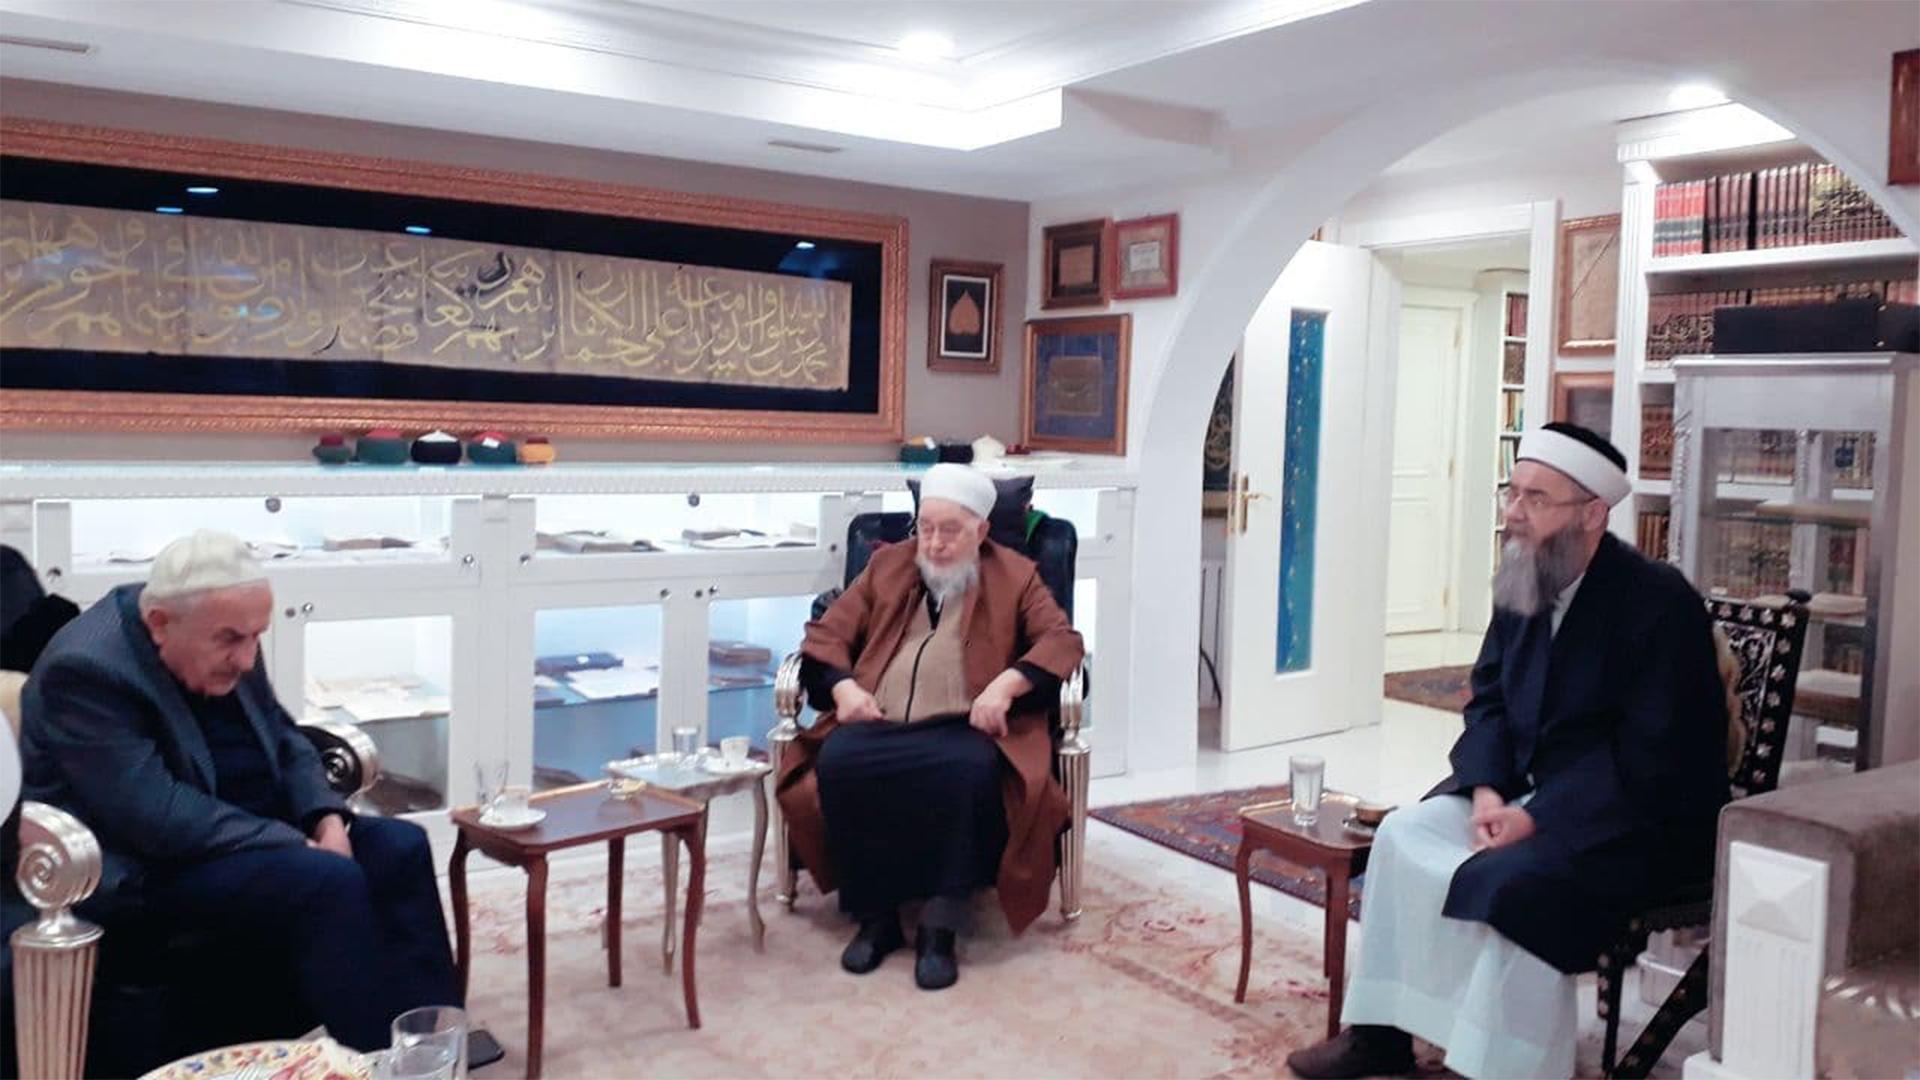 Cübbeli'ye ziyaret olayında Mustafa Kaplan'dan sert tepki